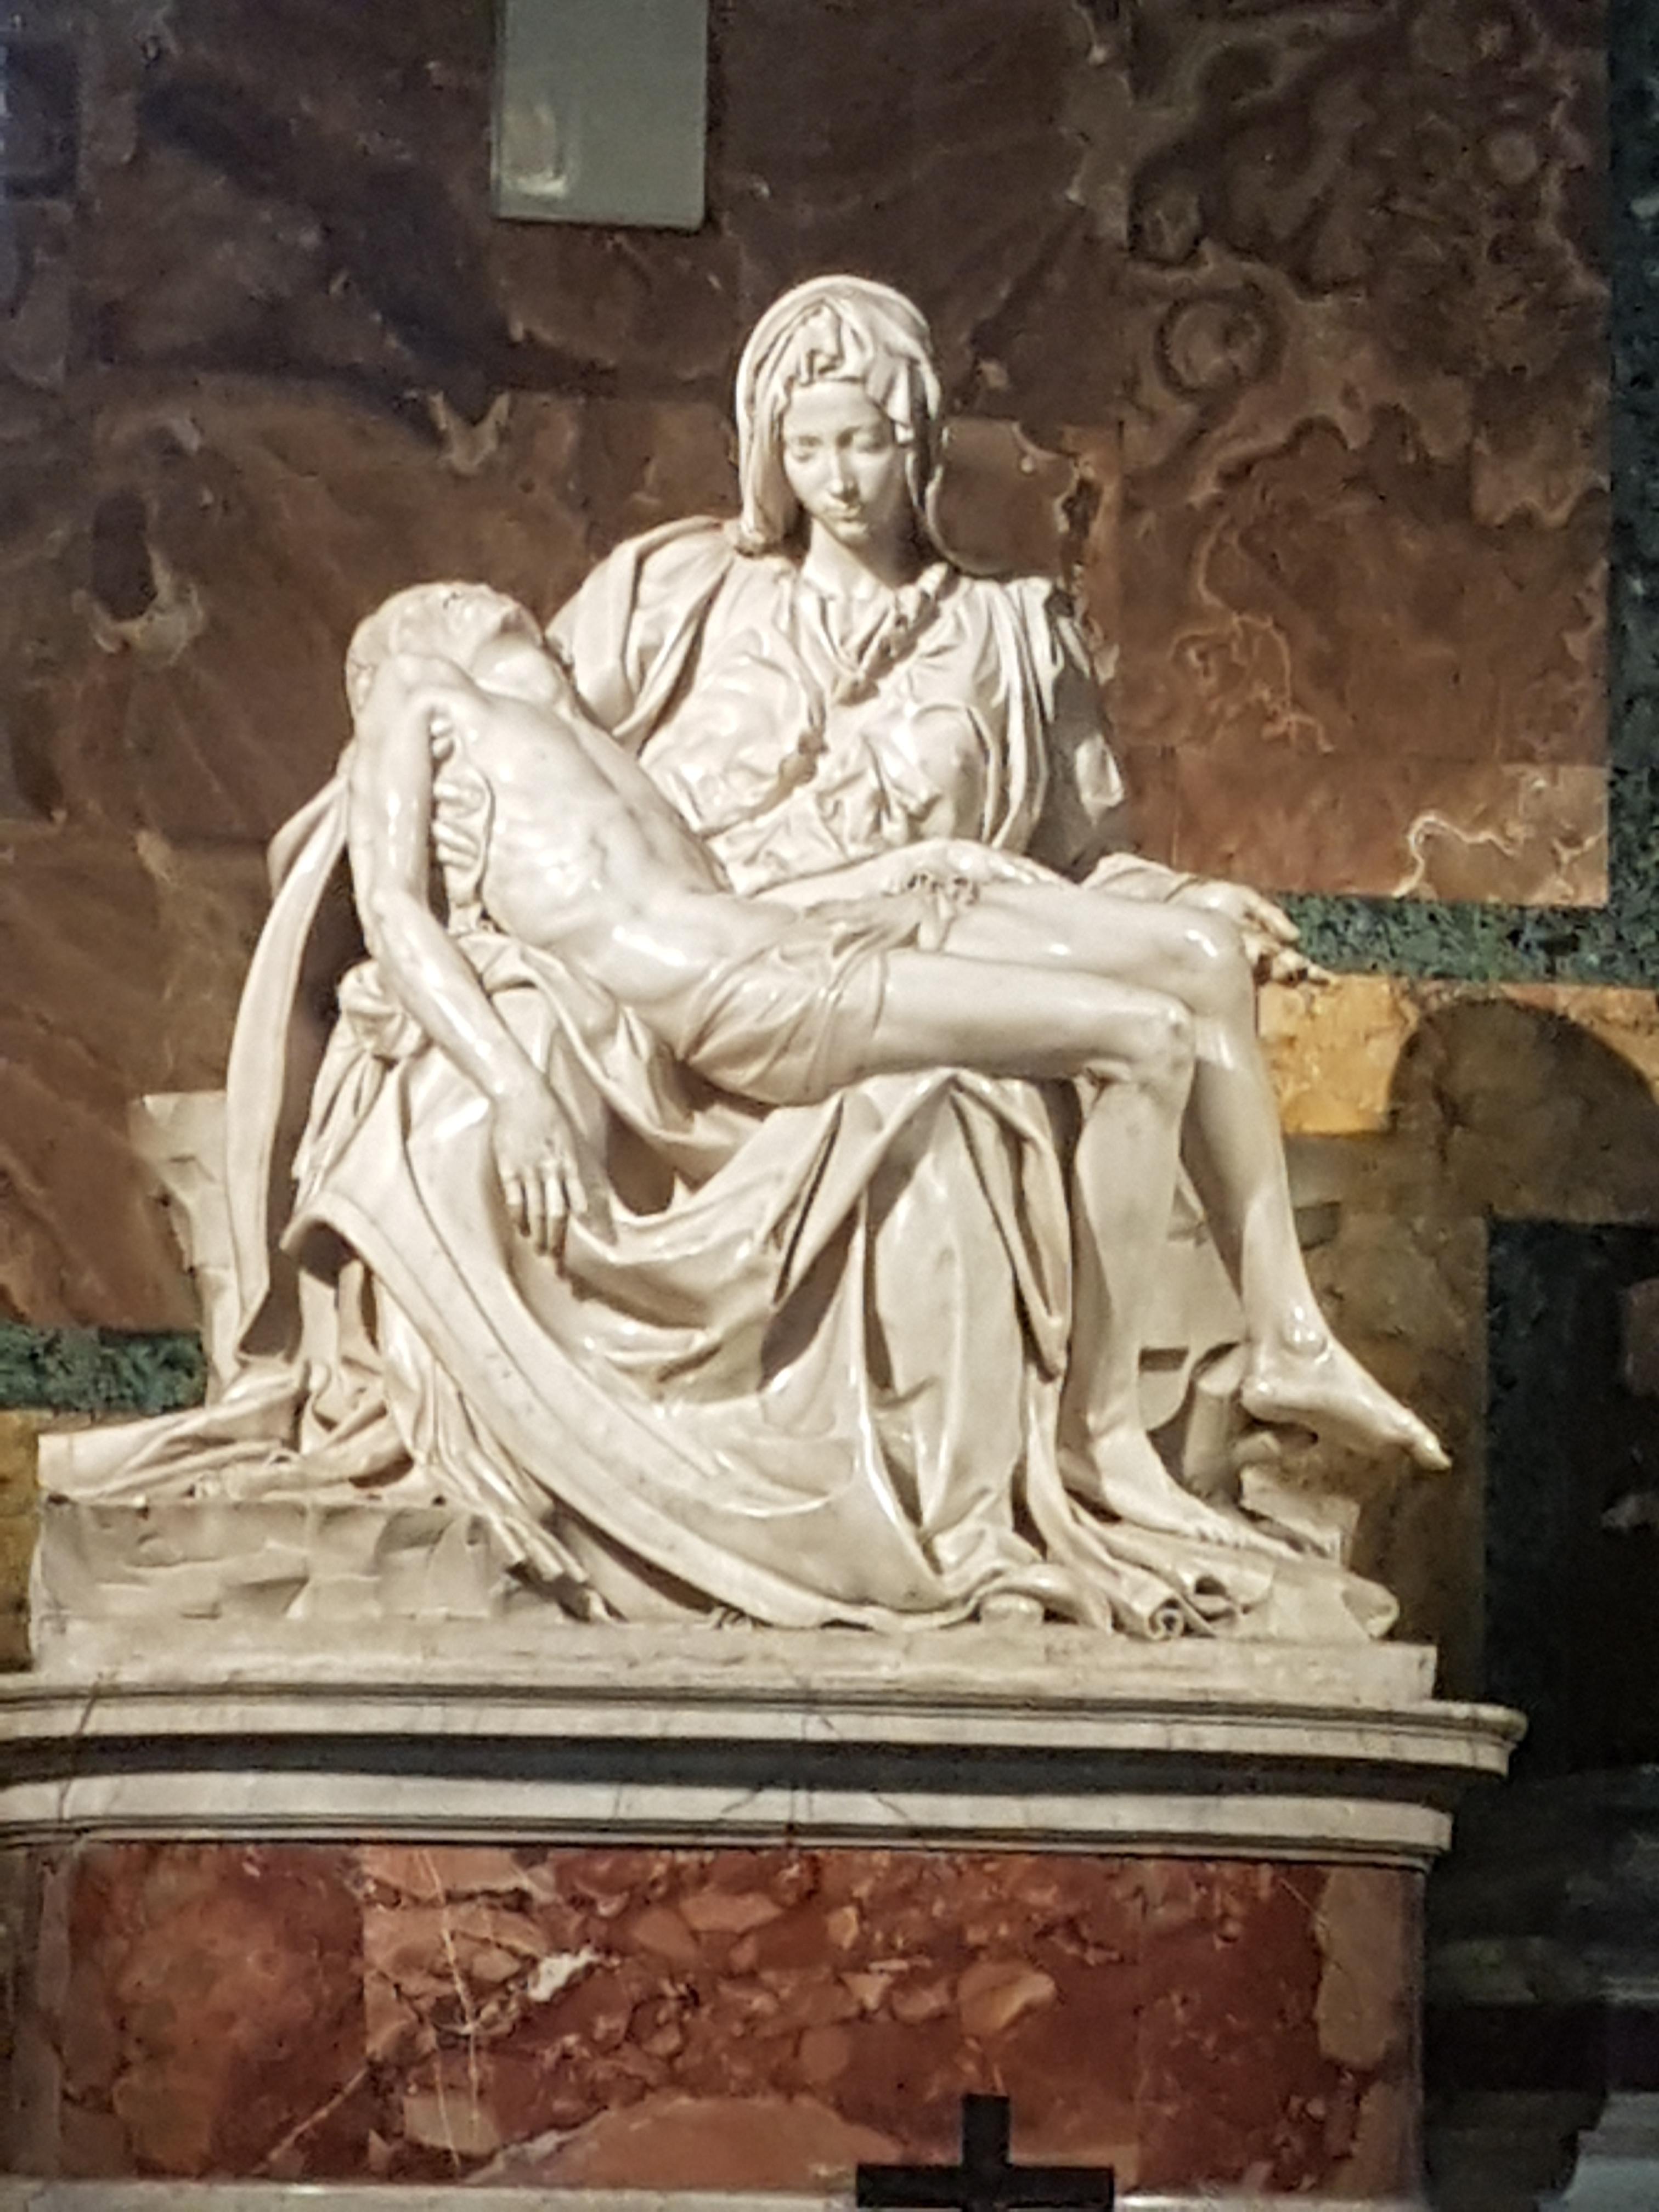 Michelangelo Sculpture at age 20.jpg